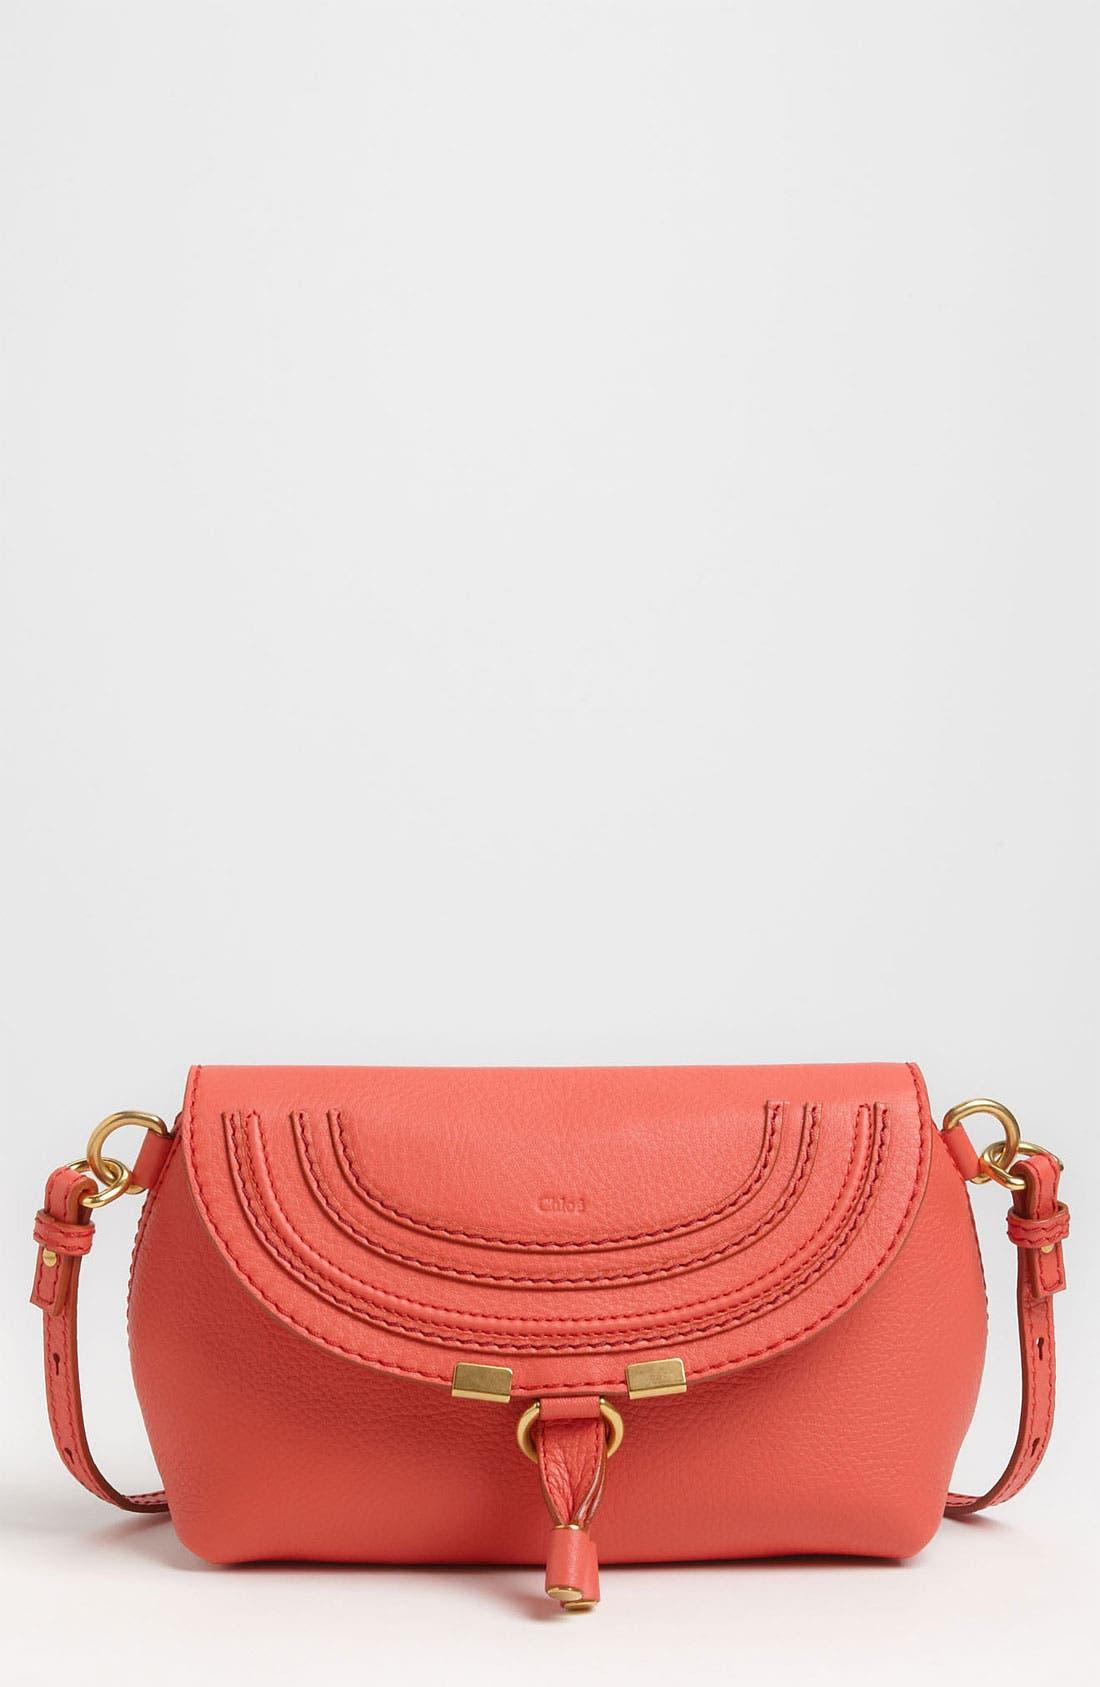 Main Image - Chloé 'Marcie' Calfskin Leather Crossbody Bag